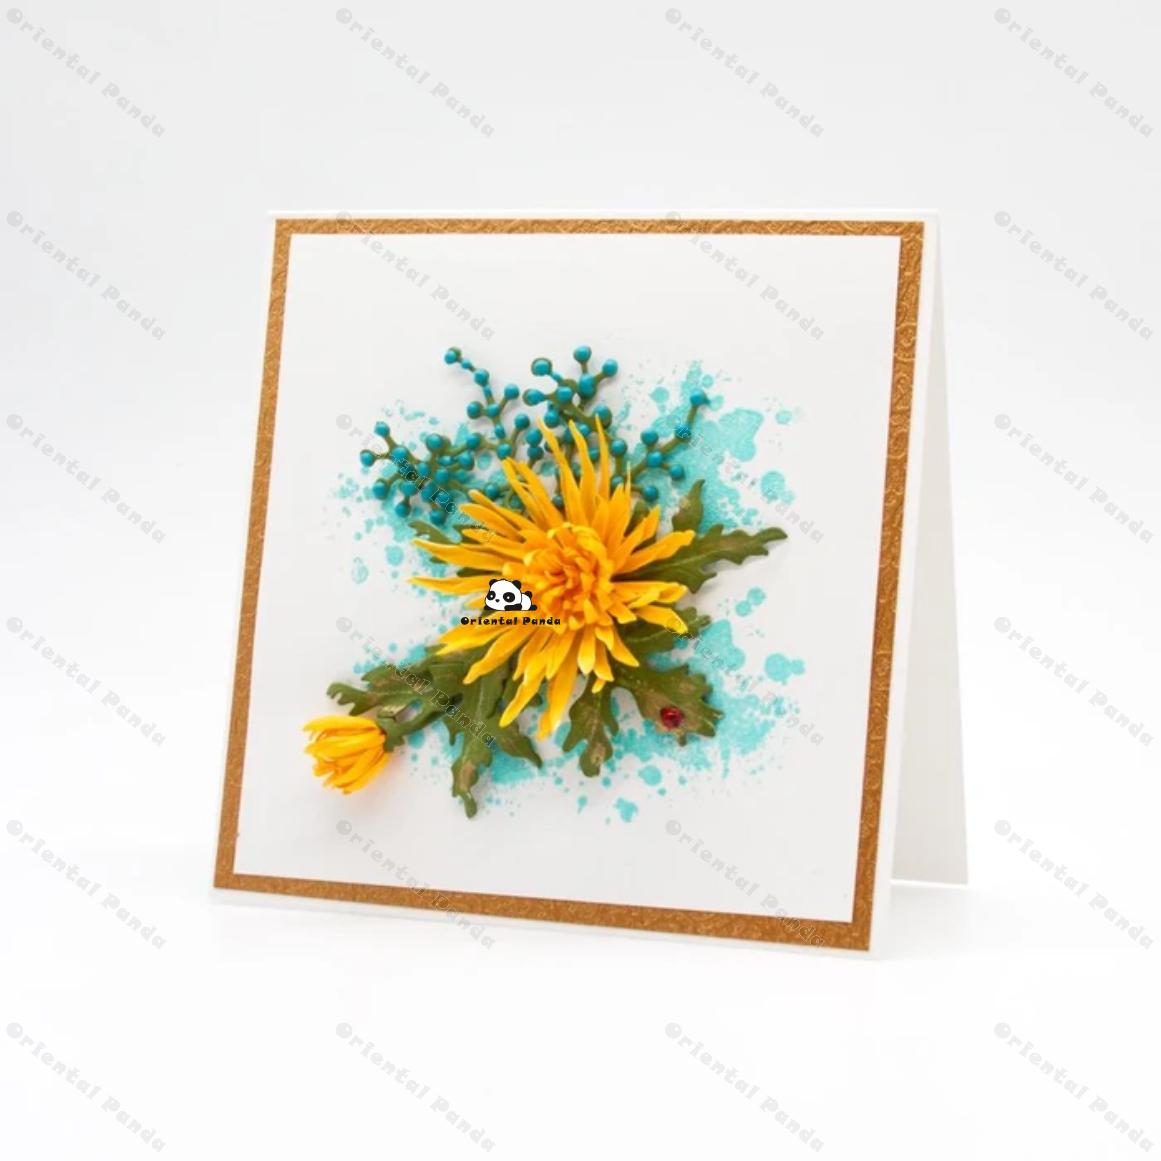 Купить с кэшбэком New Dies Very real flowers Metal Cutting Dies diy Dies photo album  cutting dies Scrapbooking Stencil Die Cuts Card Making